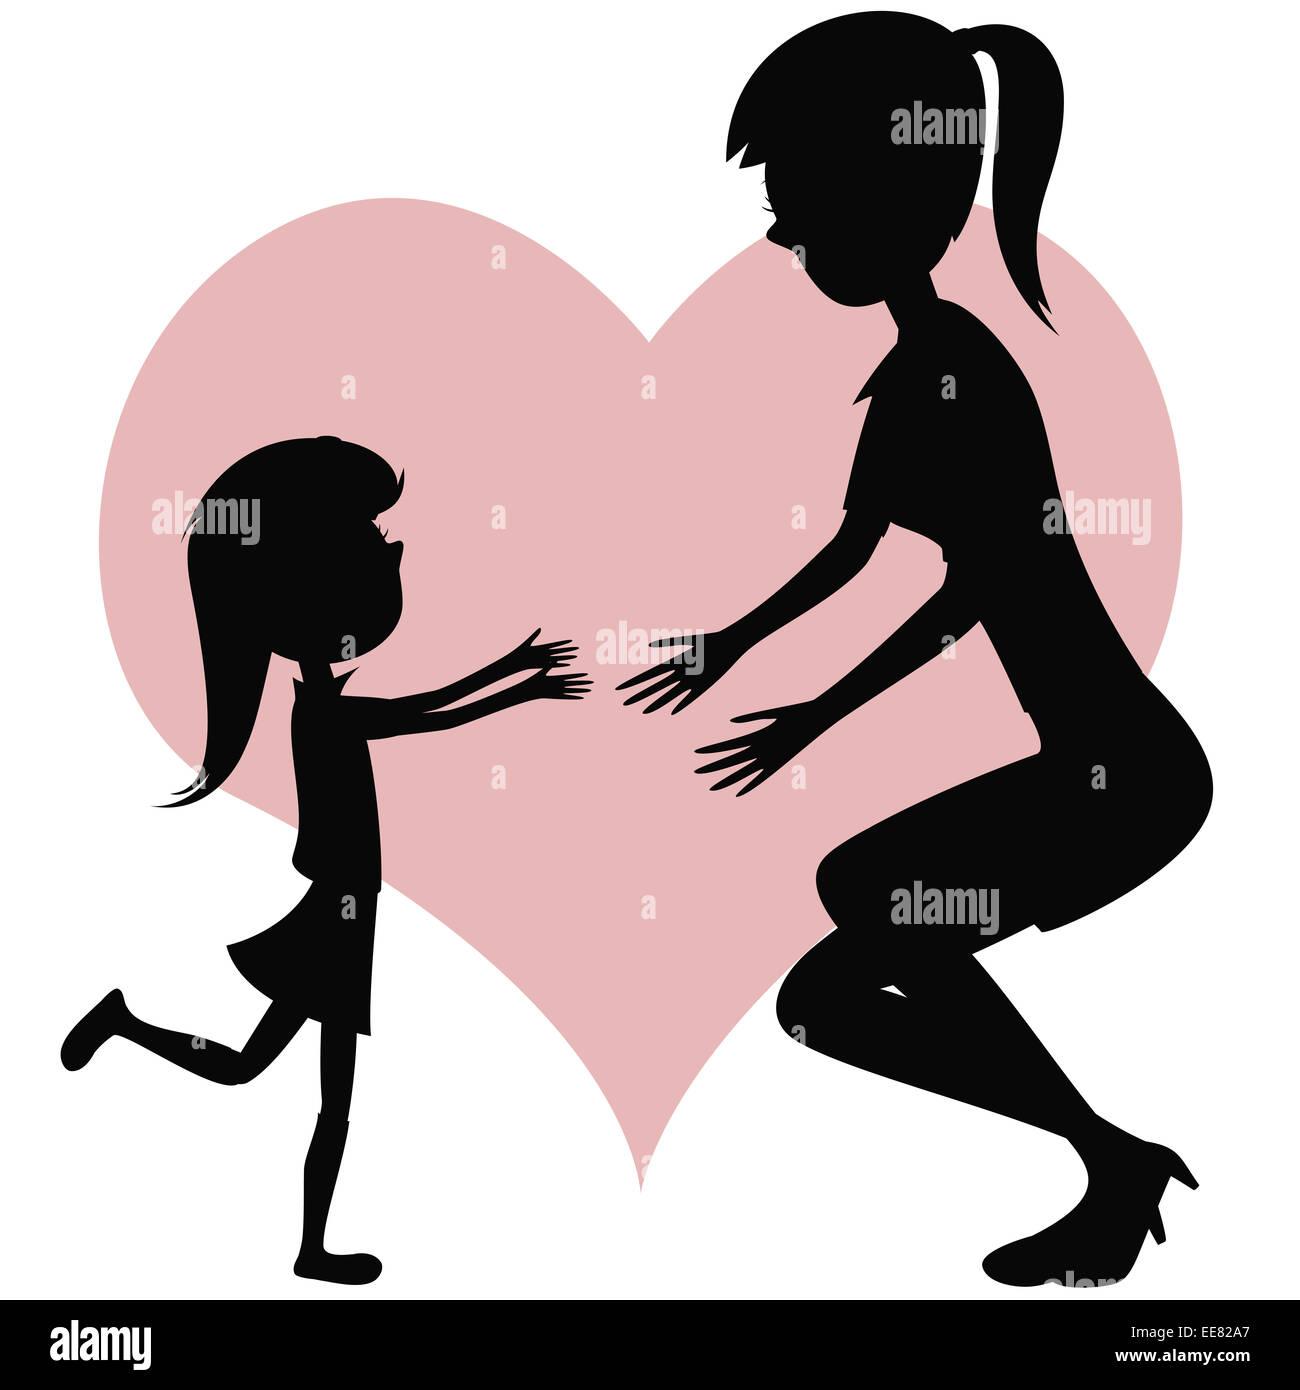 Abbraccio La Tua Mamma Cartoon Style Sagome Con Un Po Di Capelli Lunghi Ragazza In Marcia Verso Sua Madre Per